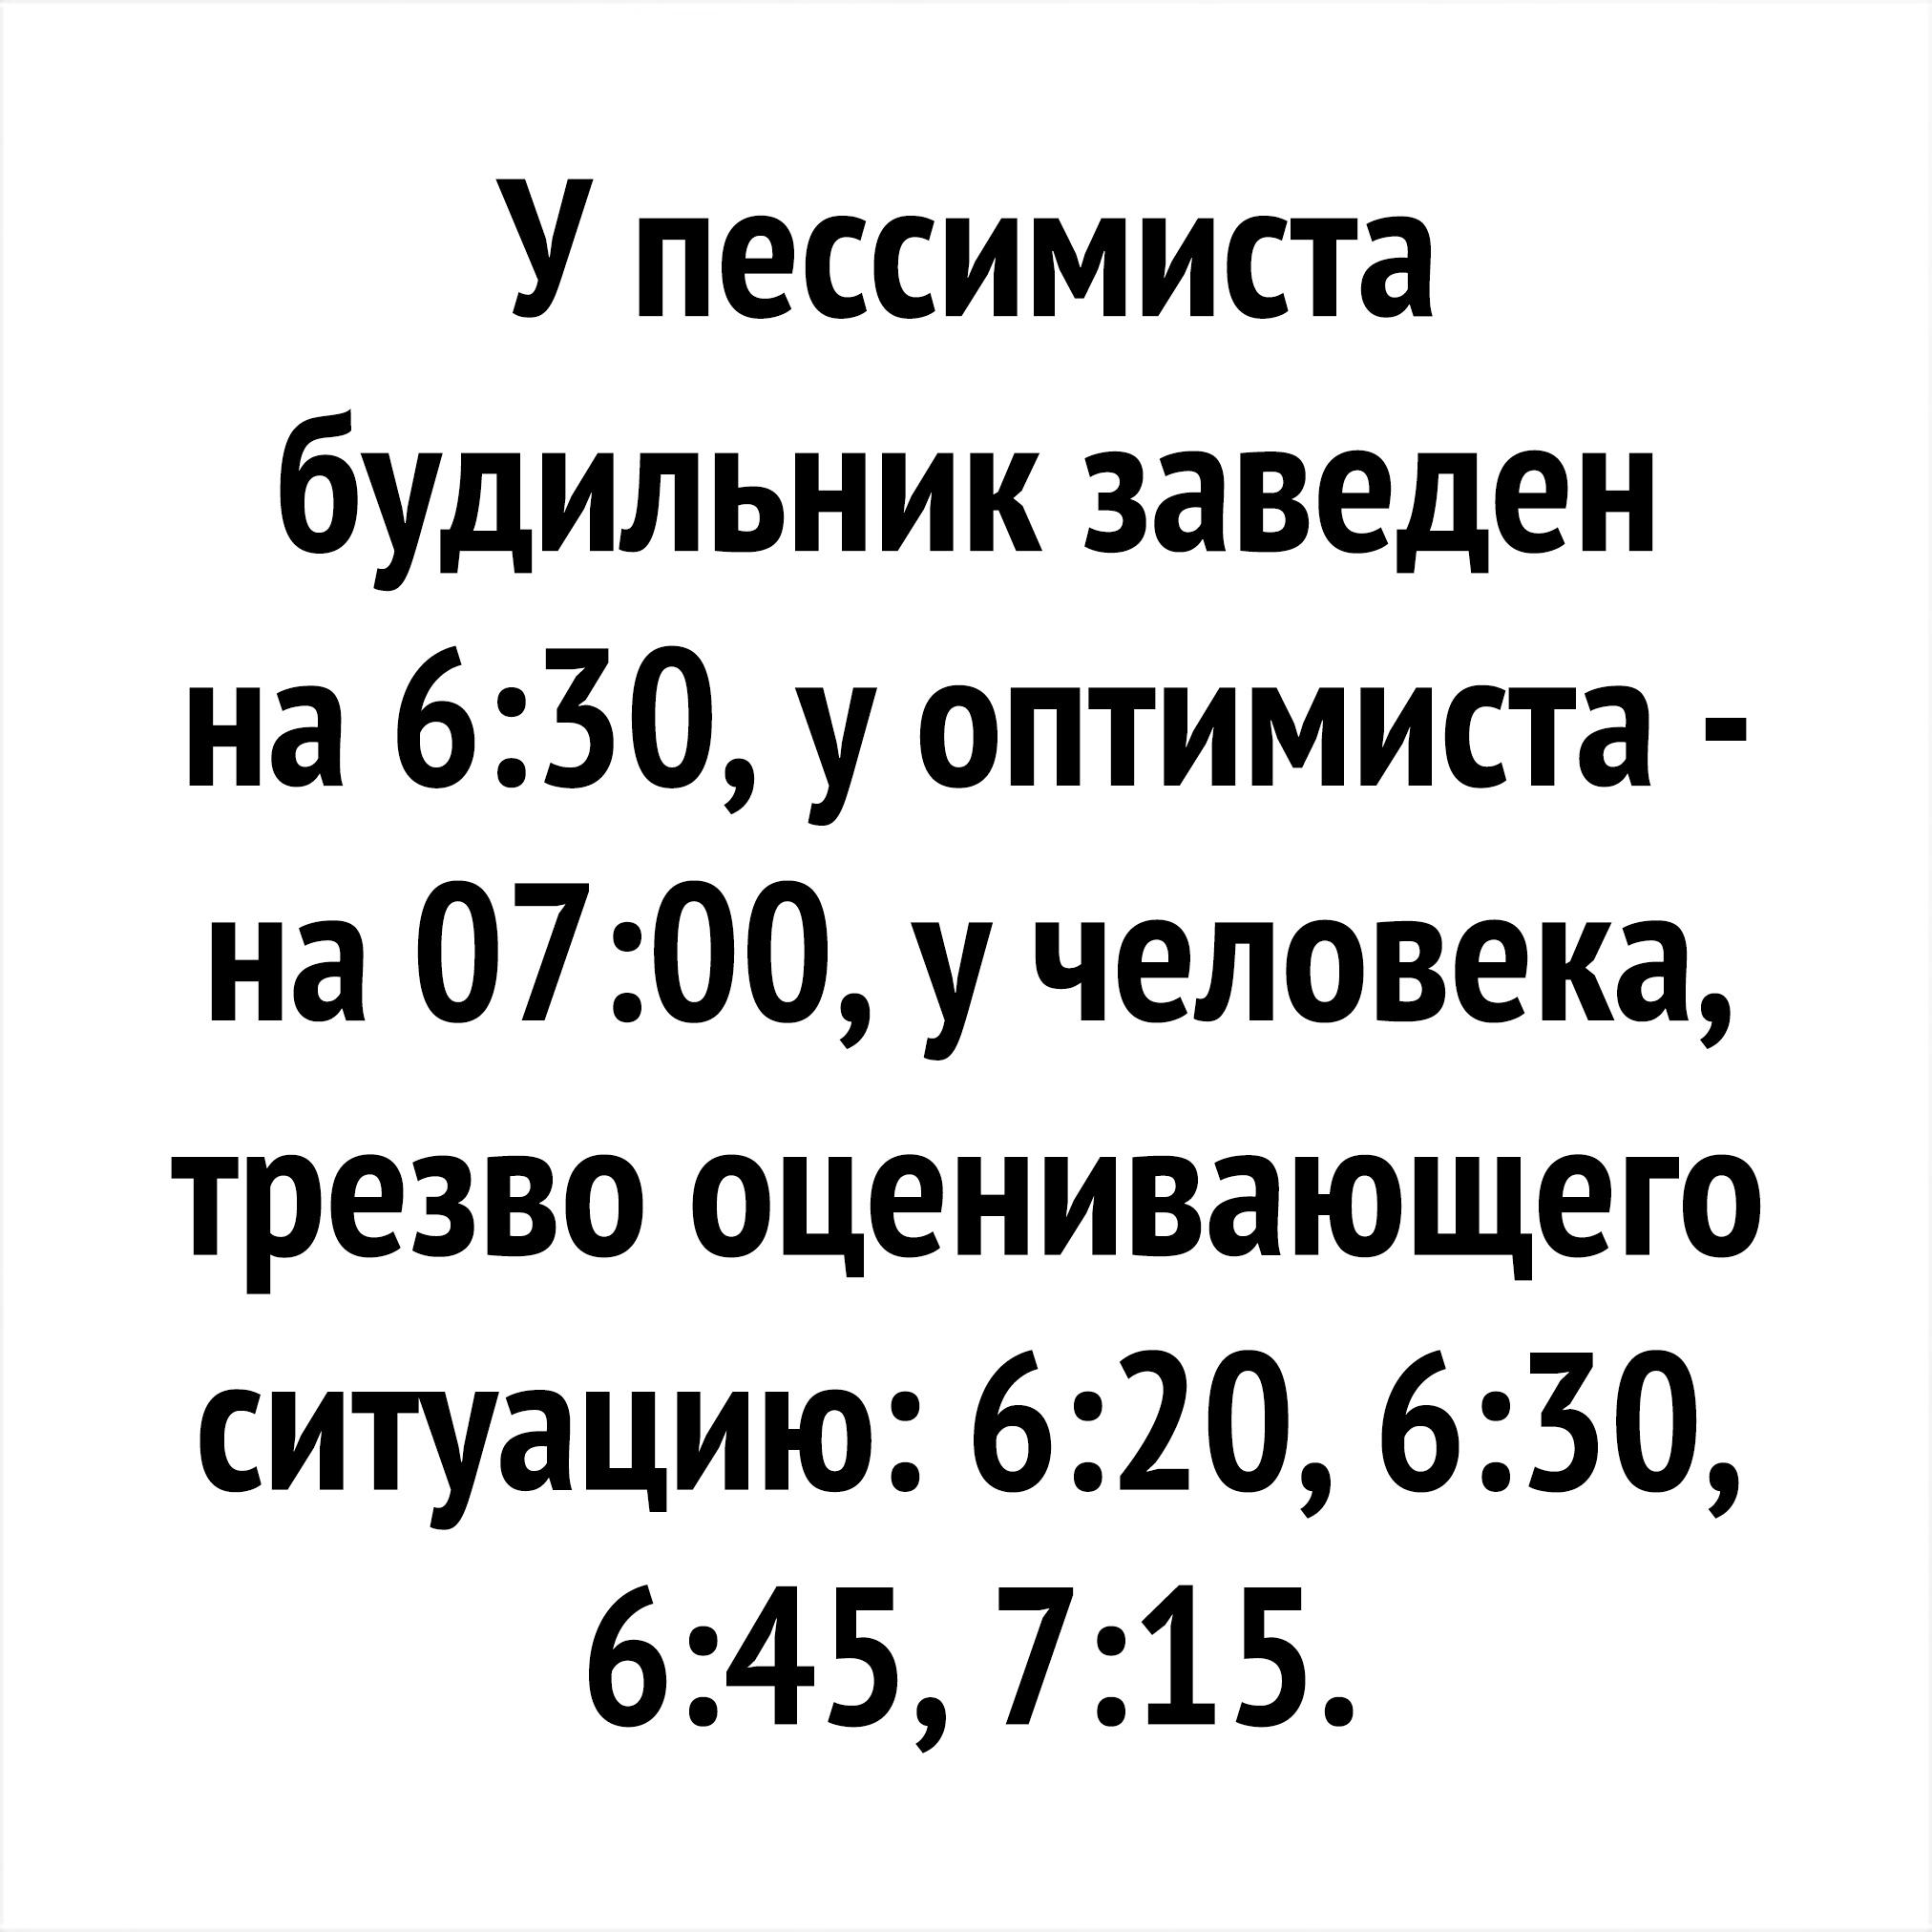 https://pp.userapi.com/pN57FeWon8cD4_z4jHGNVSgZLcVv2xaLV7AscQ/hnFHYPUsxAQ.jpg